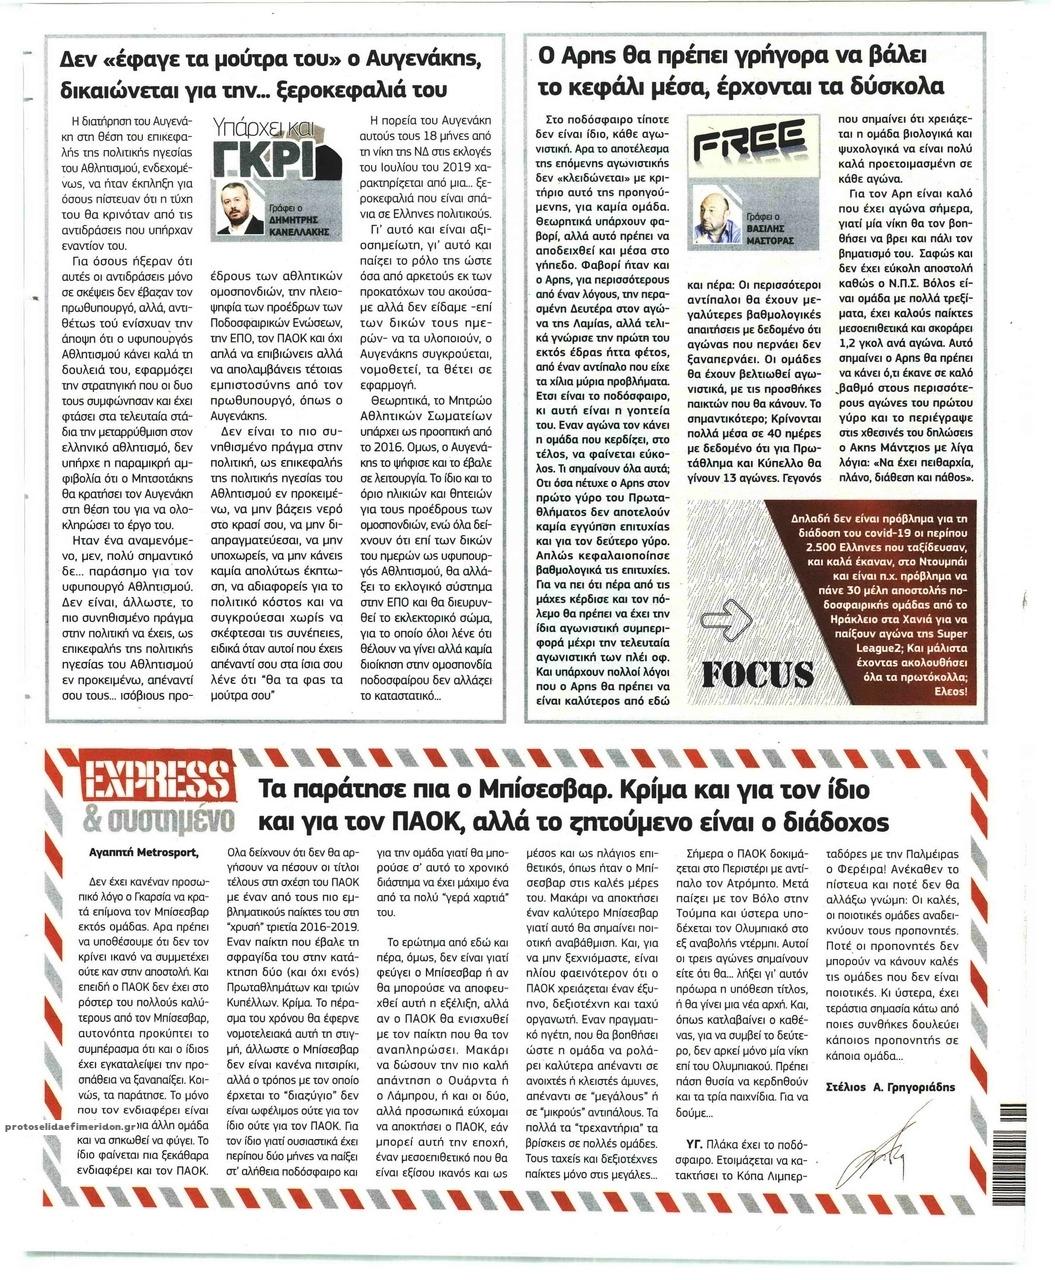 Οπισθόφυλλο εφημερίδας Metrosport